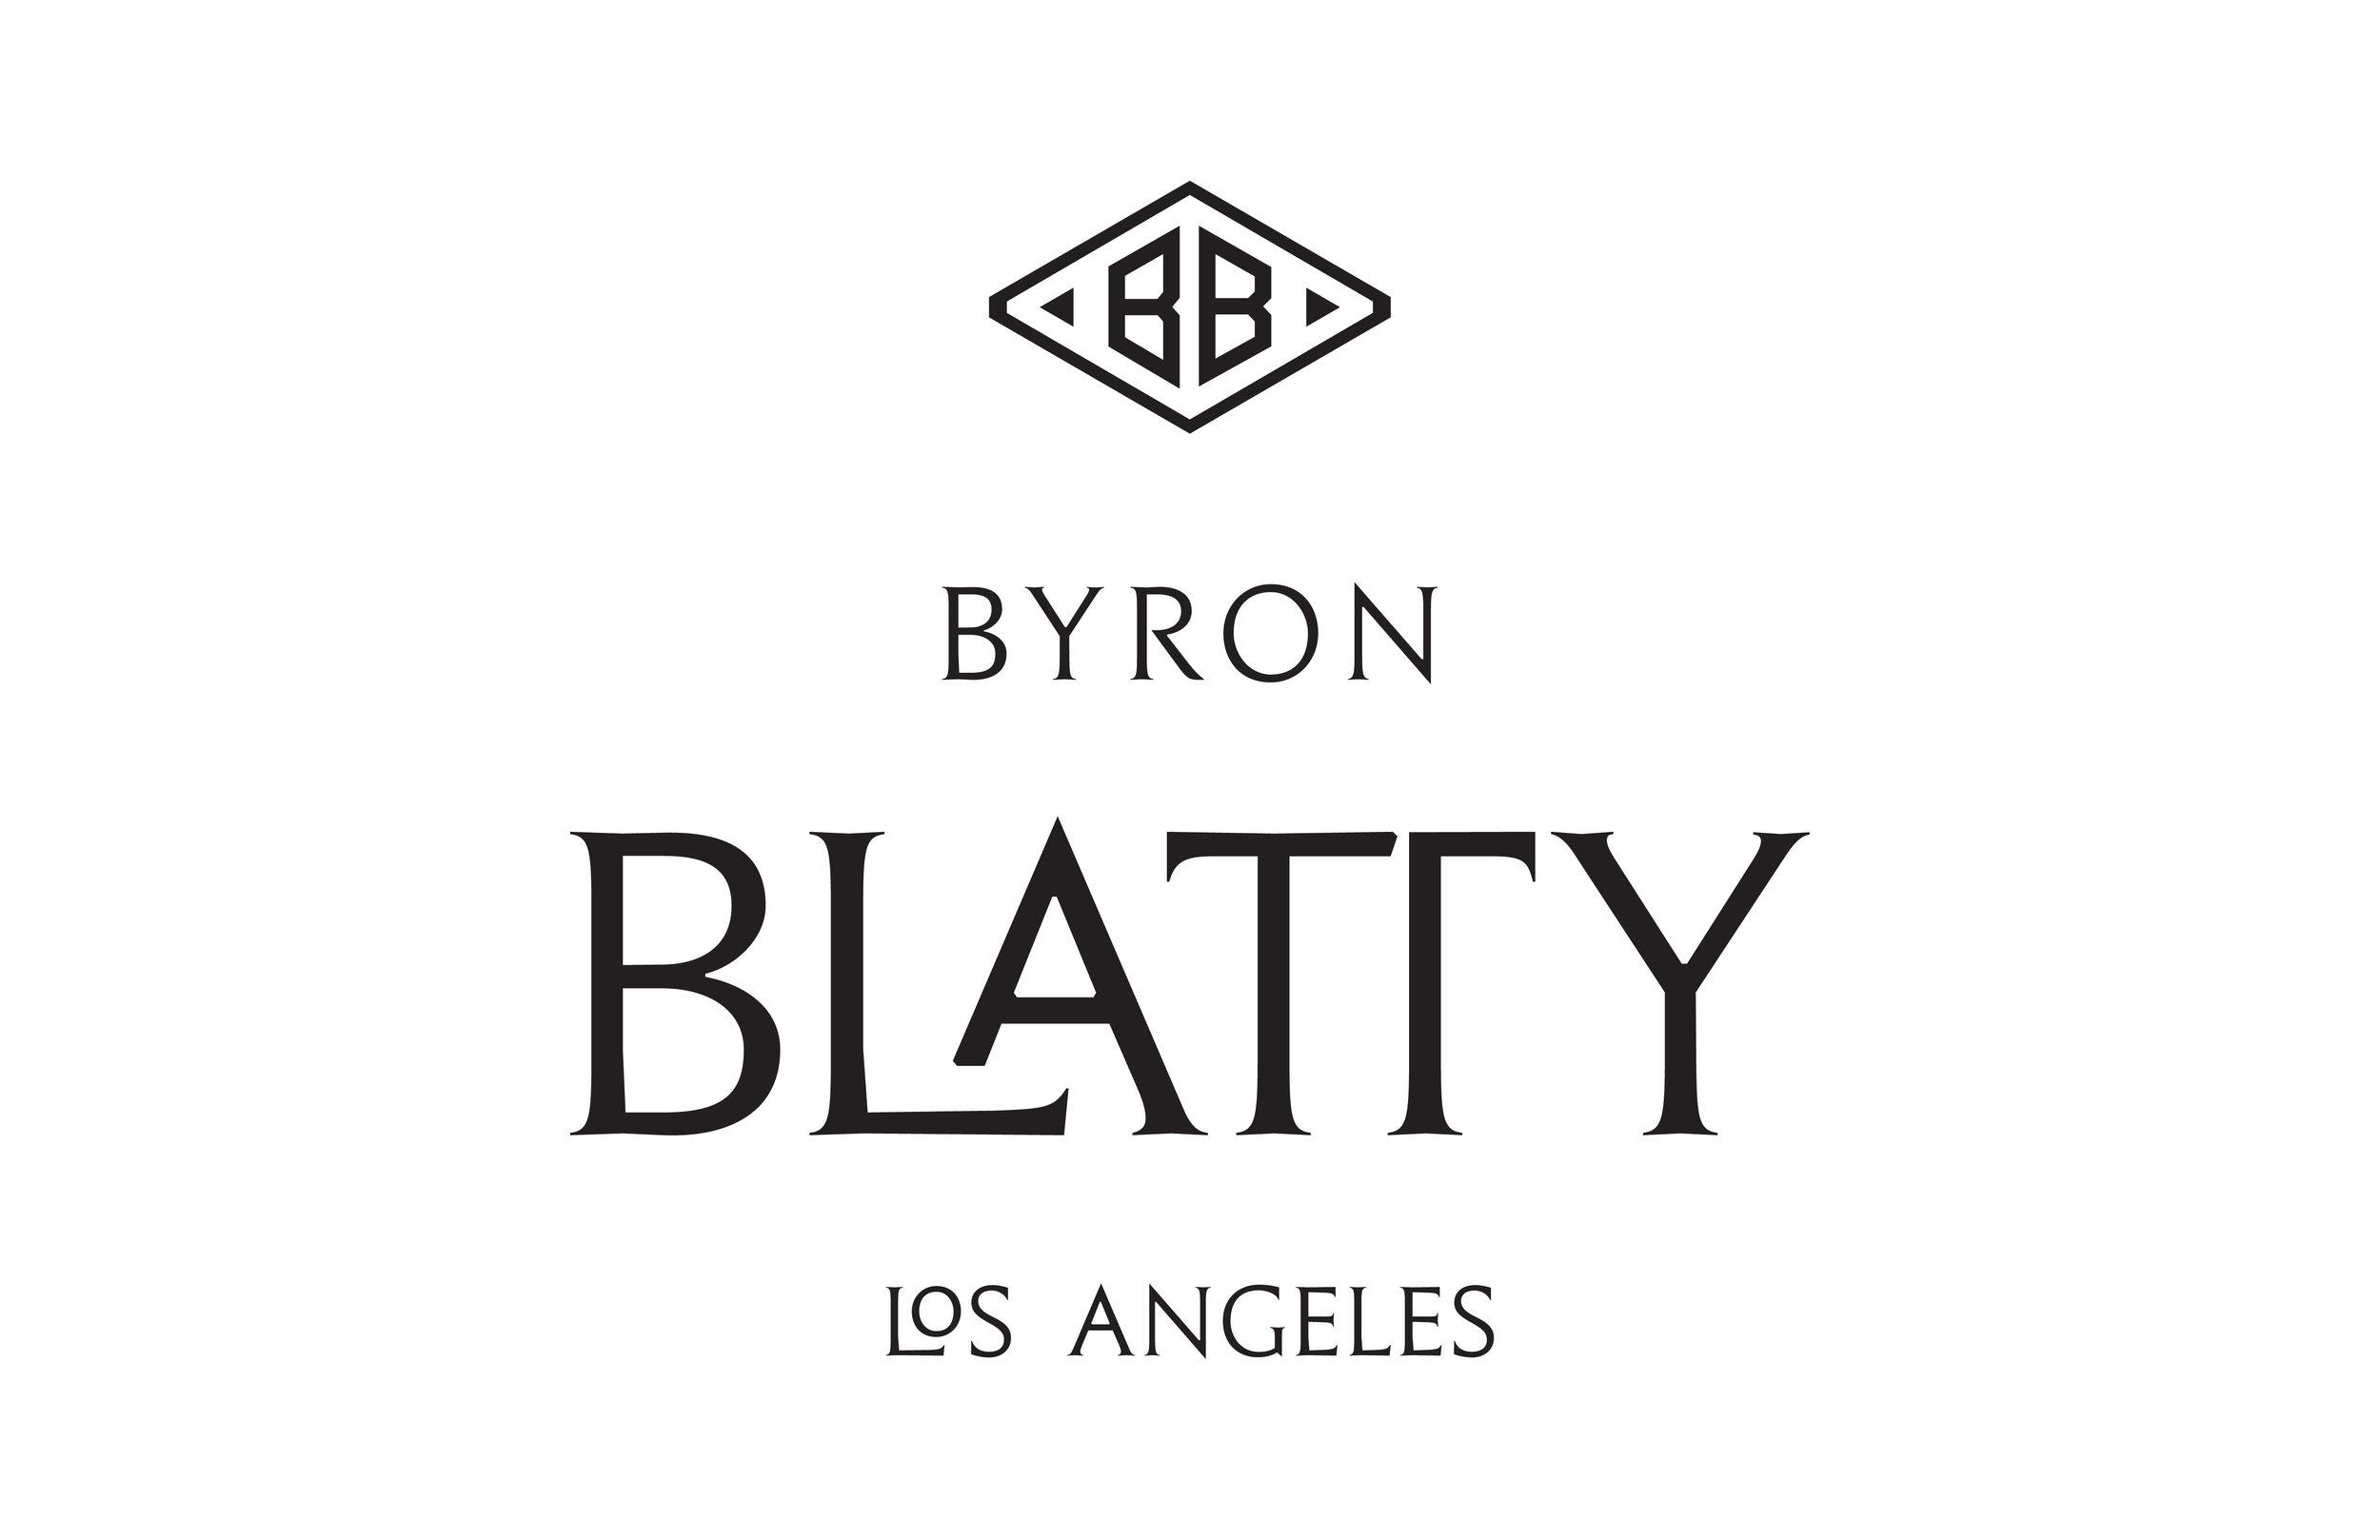 Byron Blatty wine